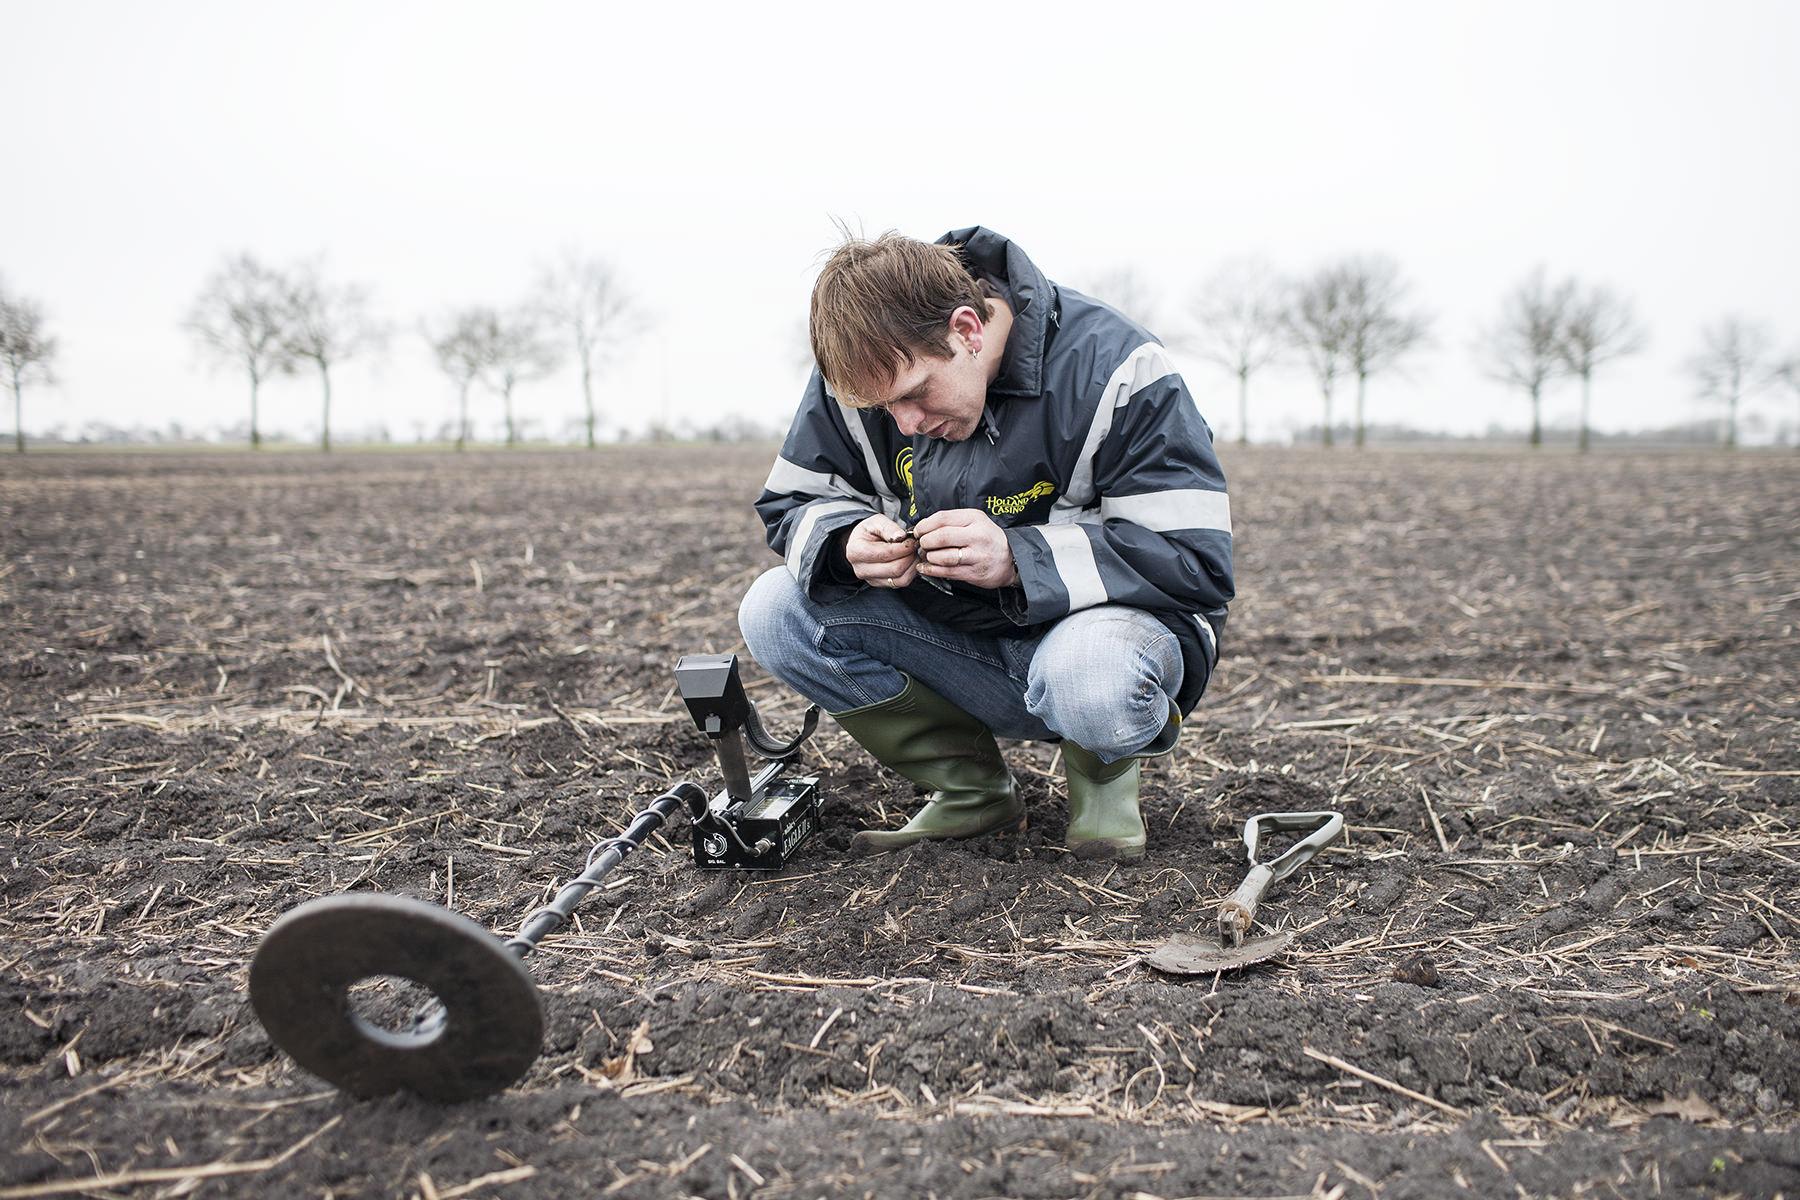 Fotograaf Groningen - Mannen en hun hobby's, schatzoeker, metaaldetector